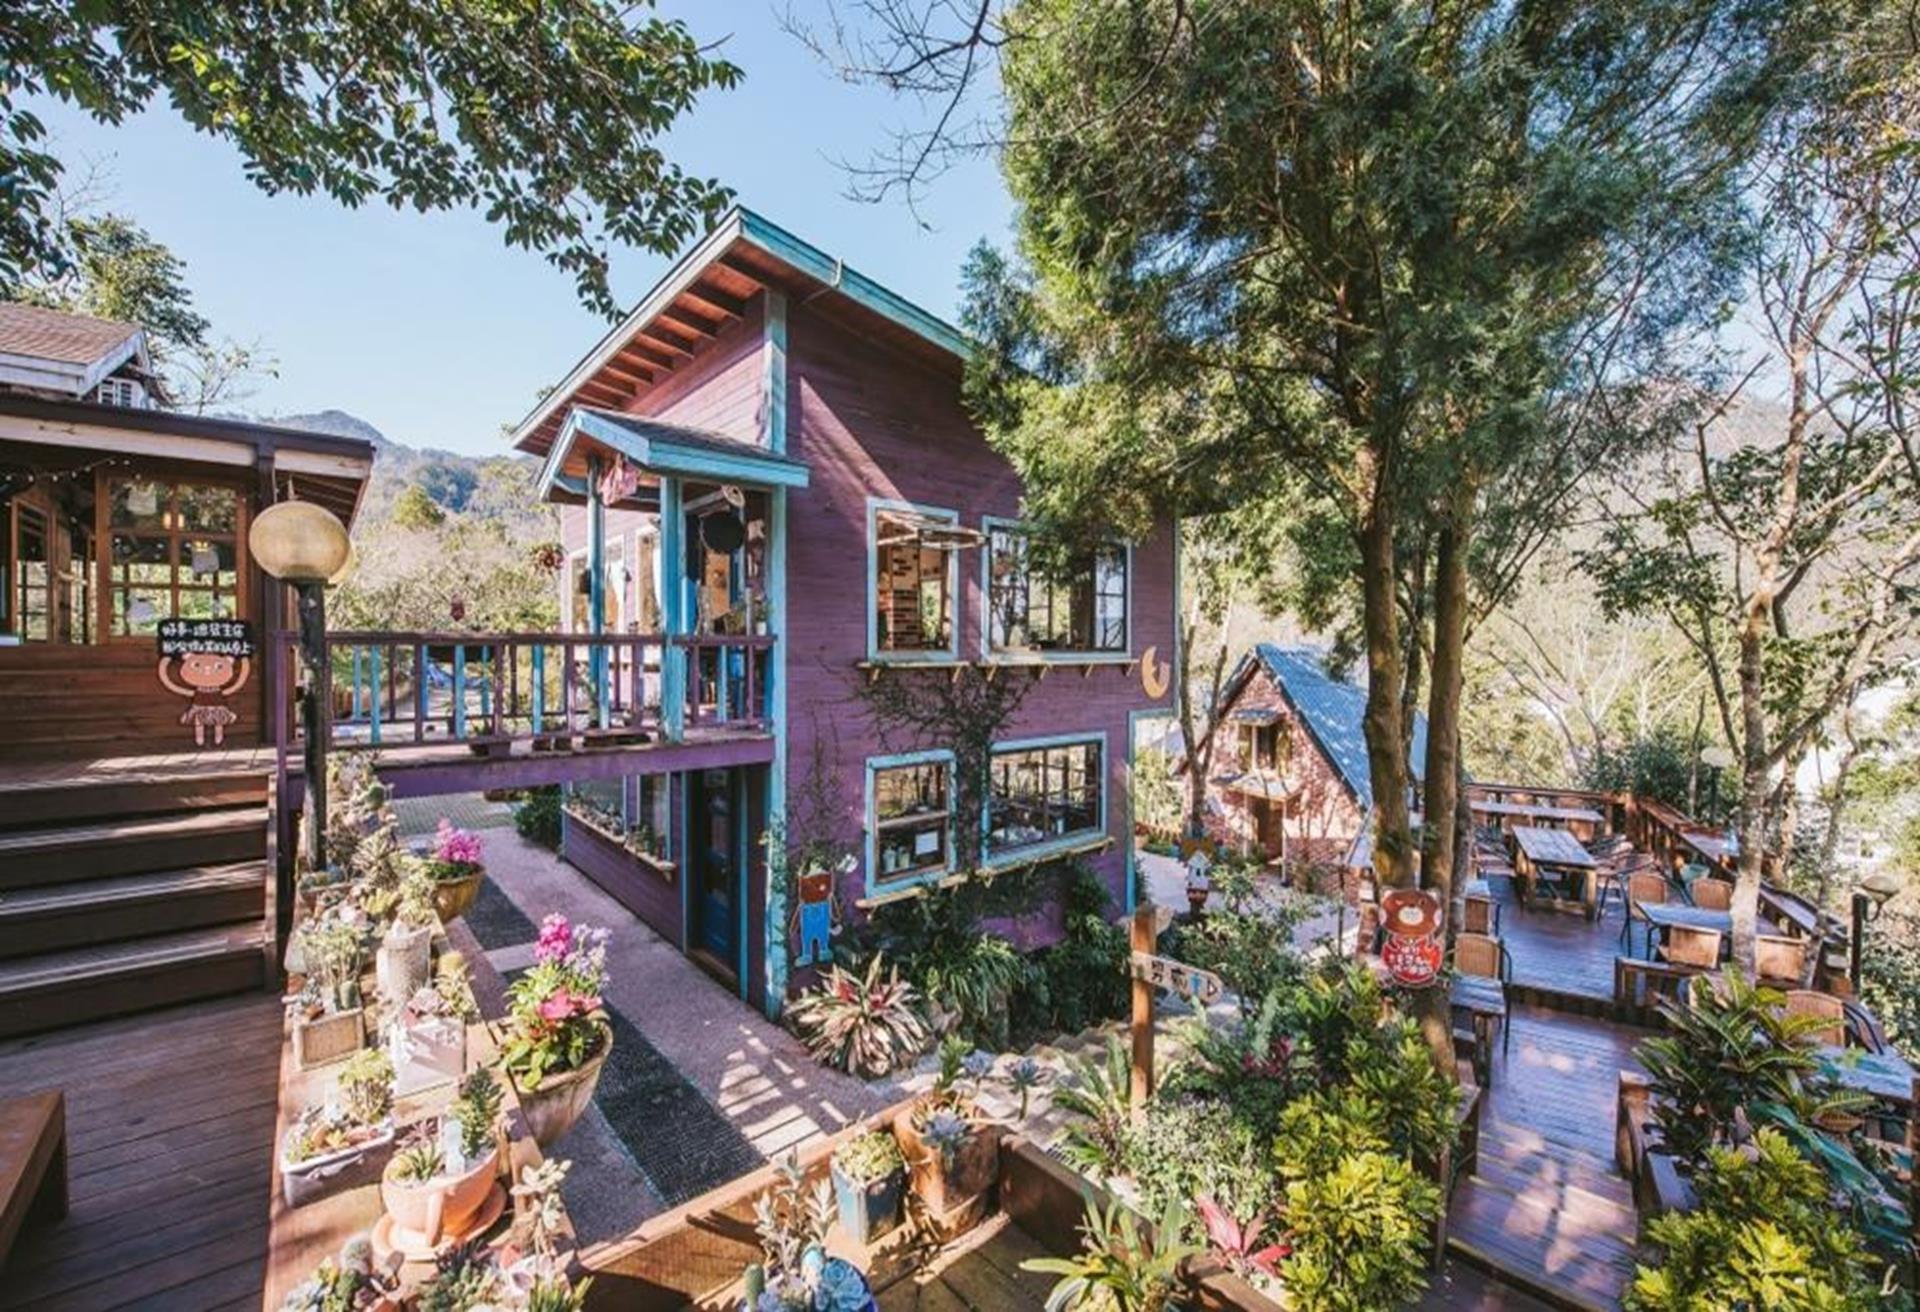 苗栗南庄飯店住宿推薦 - 南庄橄欖樹咖啡民宿主咖啡屋與咖啡廳紫屋